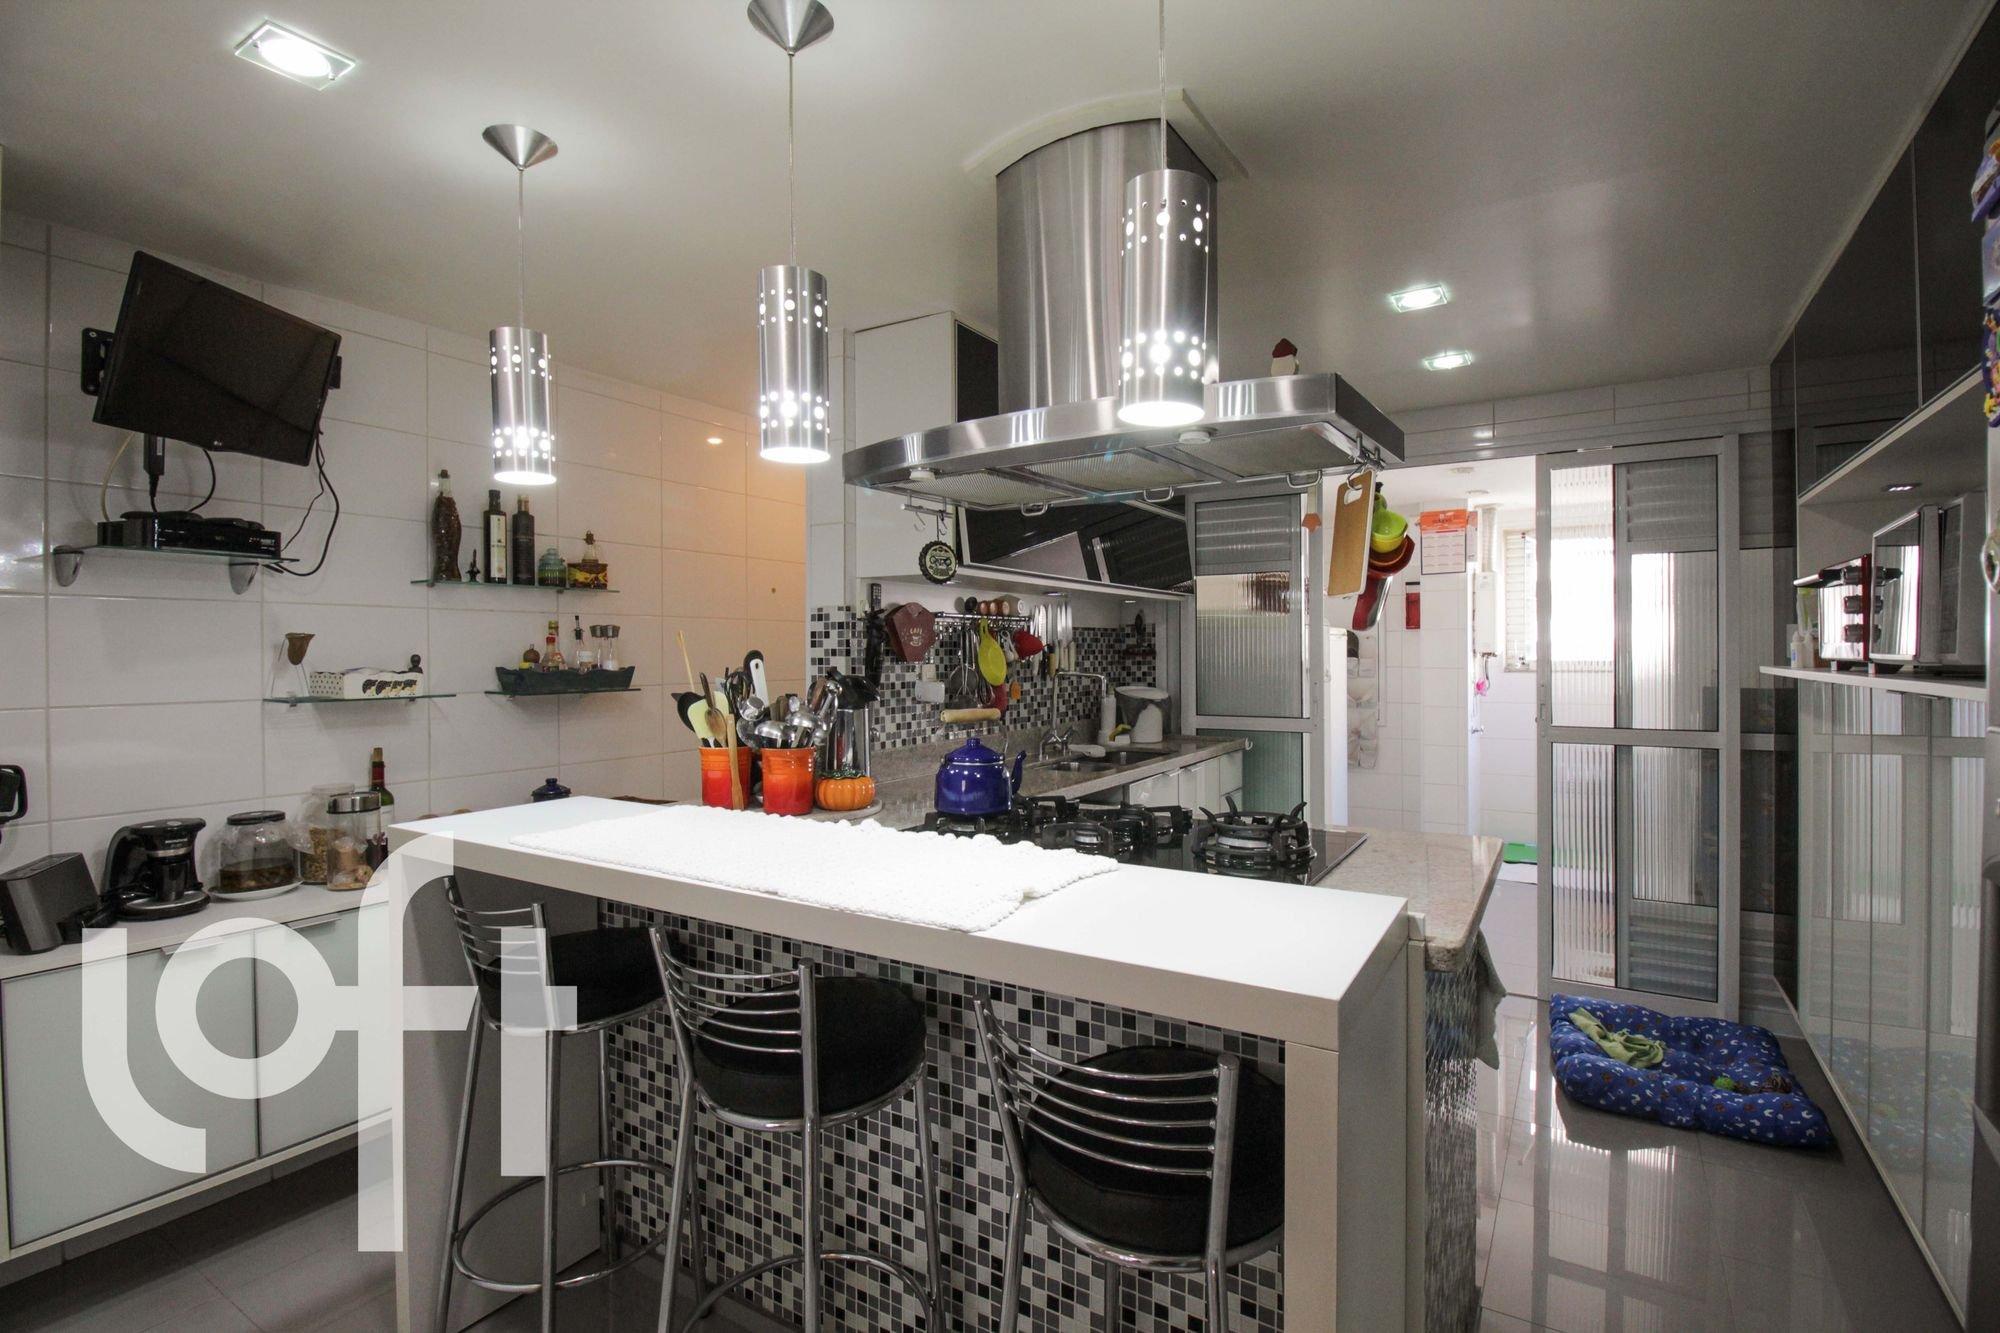 Foto de Cozinha com televisão, cadeira, garrafa